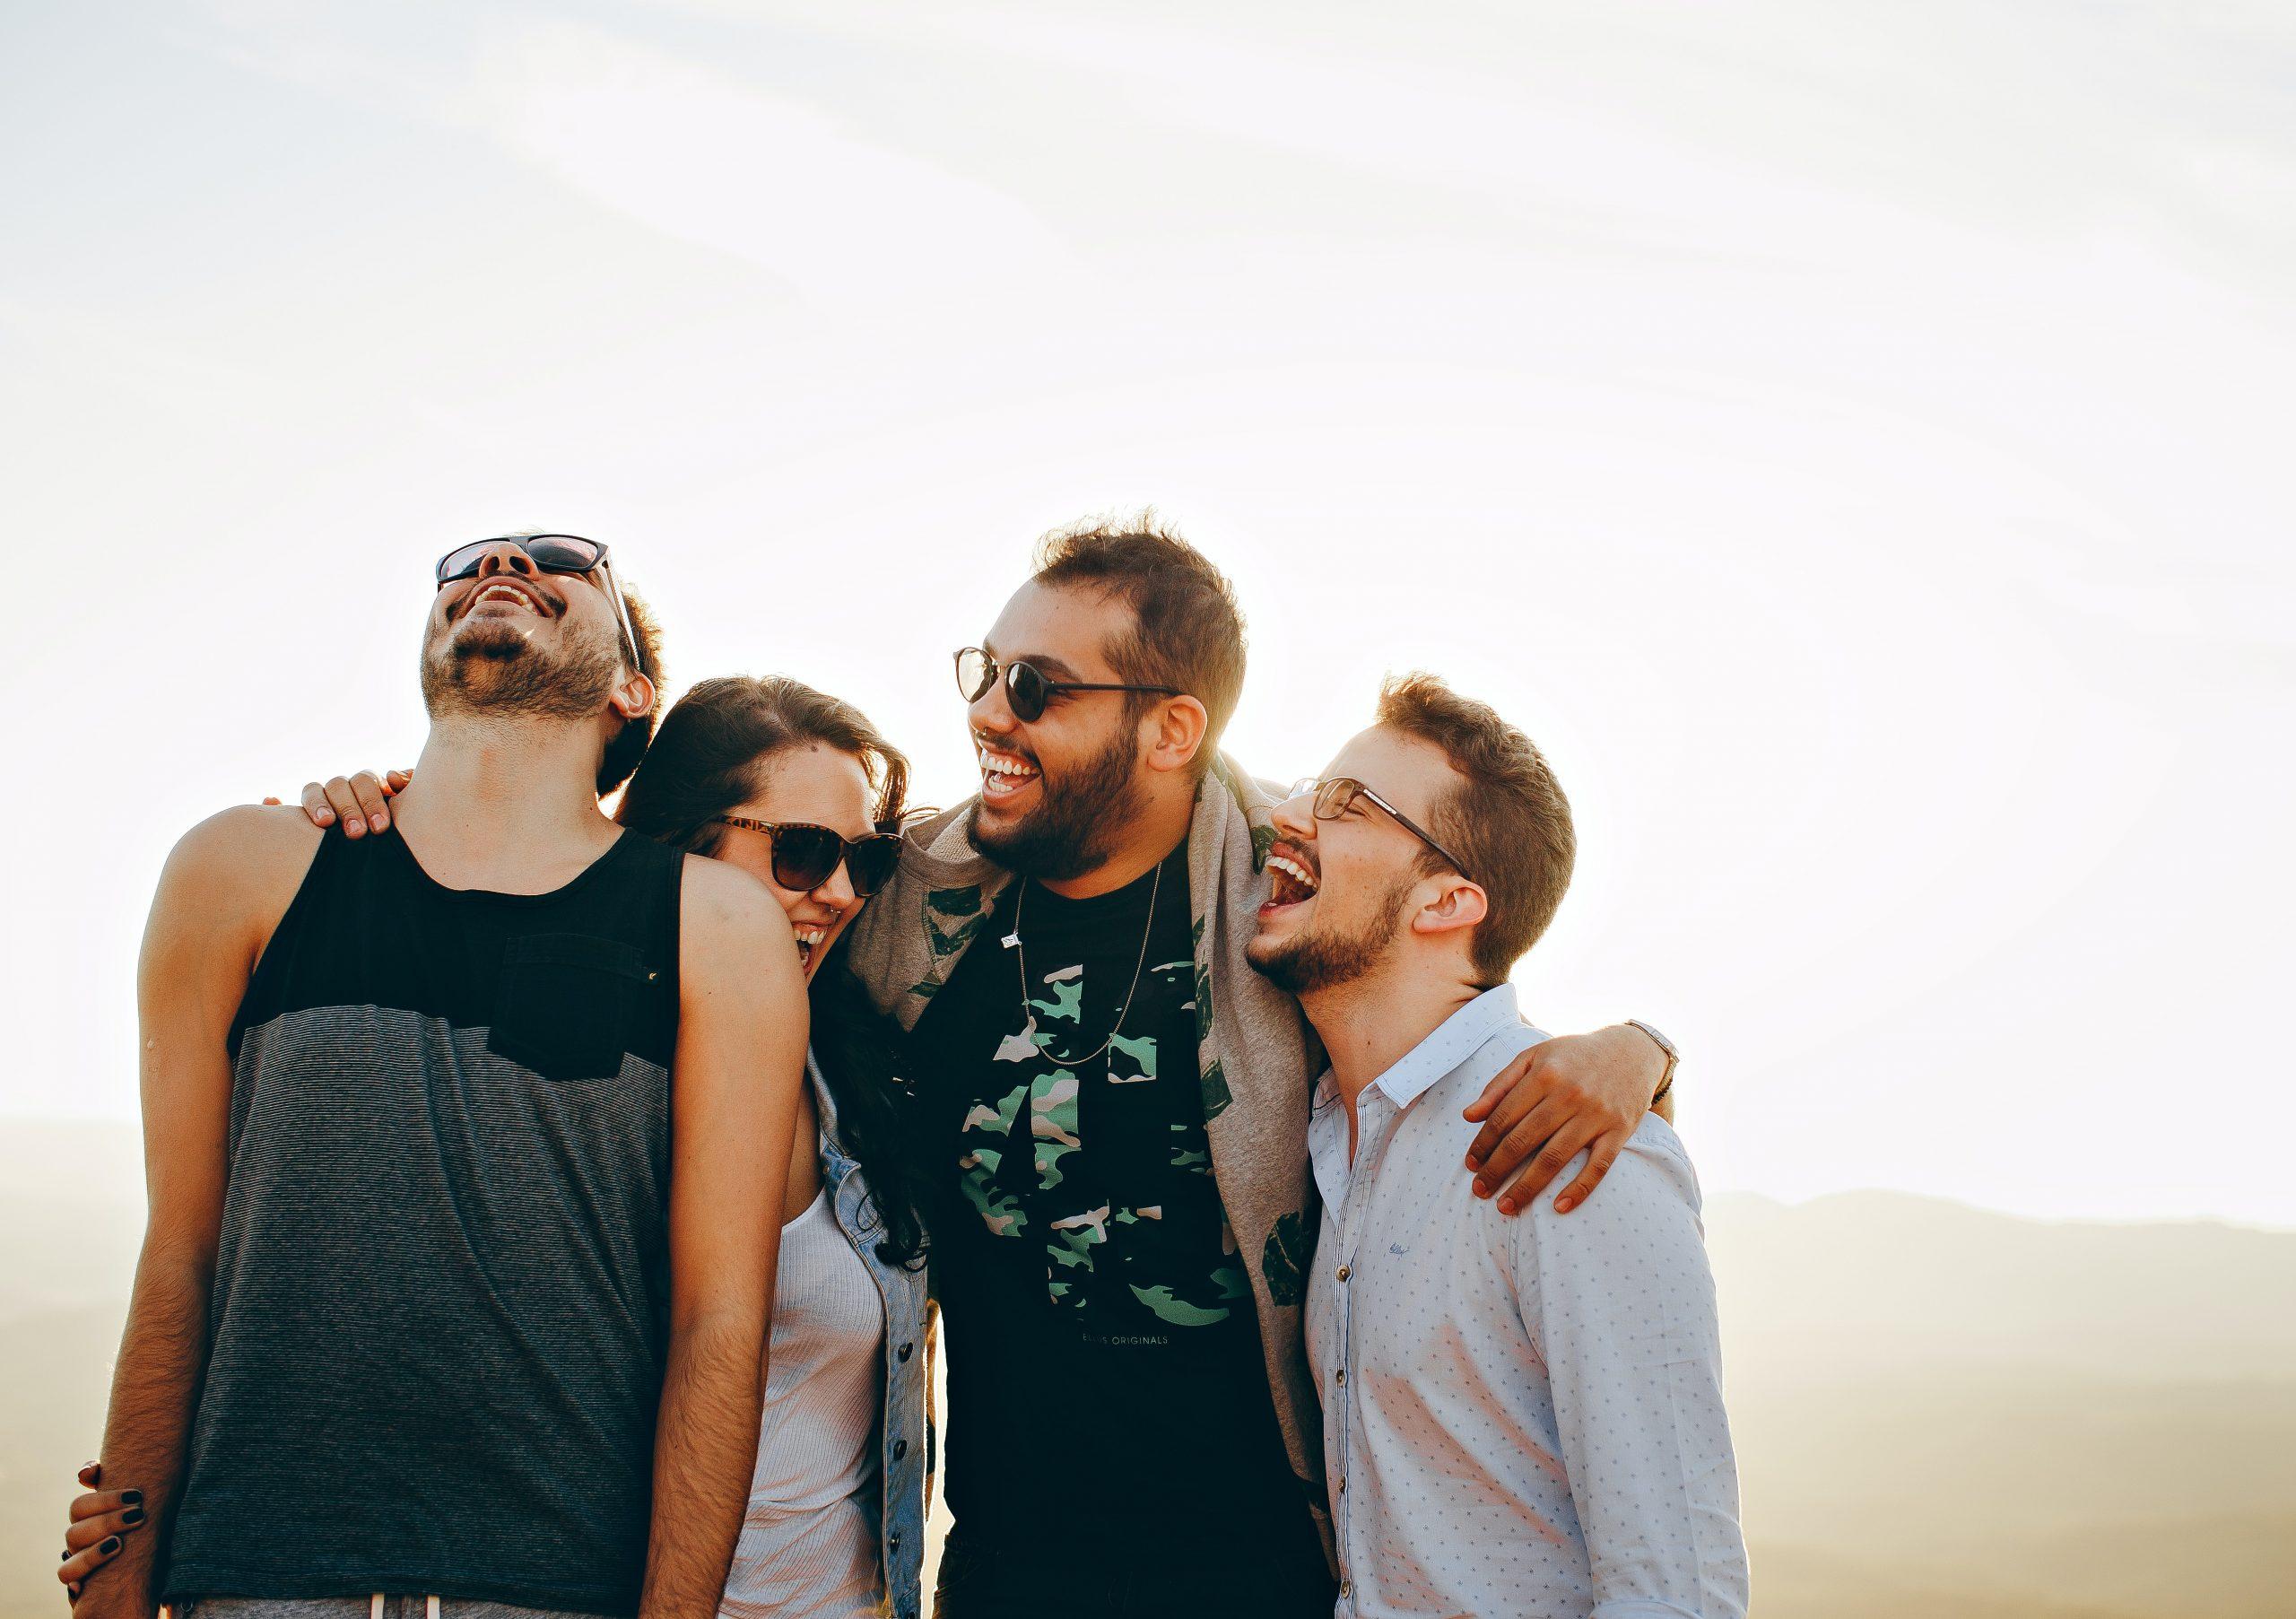 Influencer Marketing and Millennials